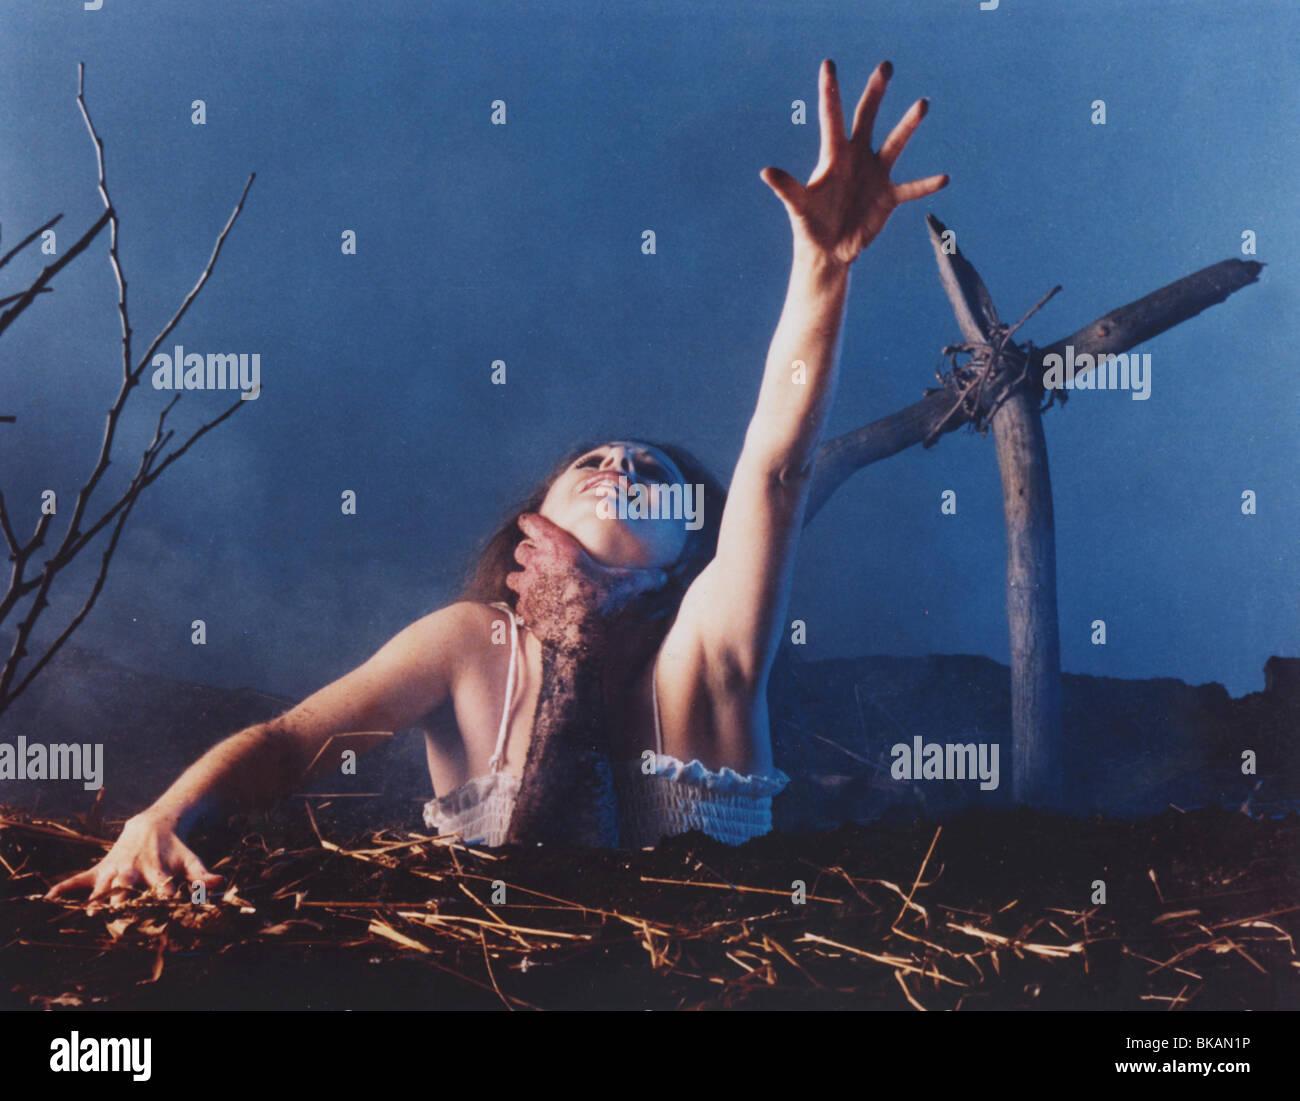 La Evil Dead -1980 Immagini Stock